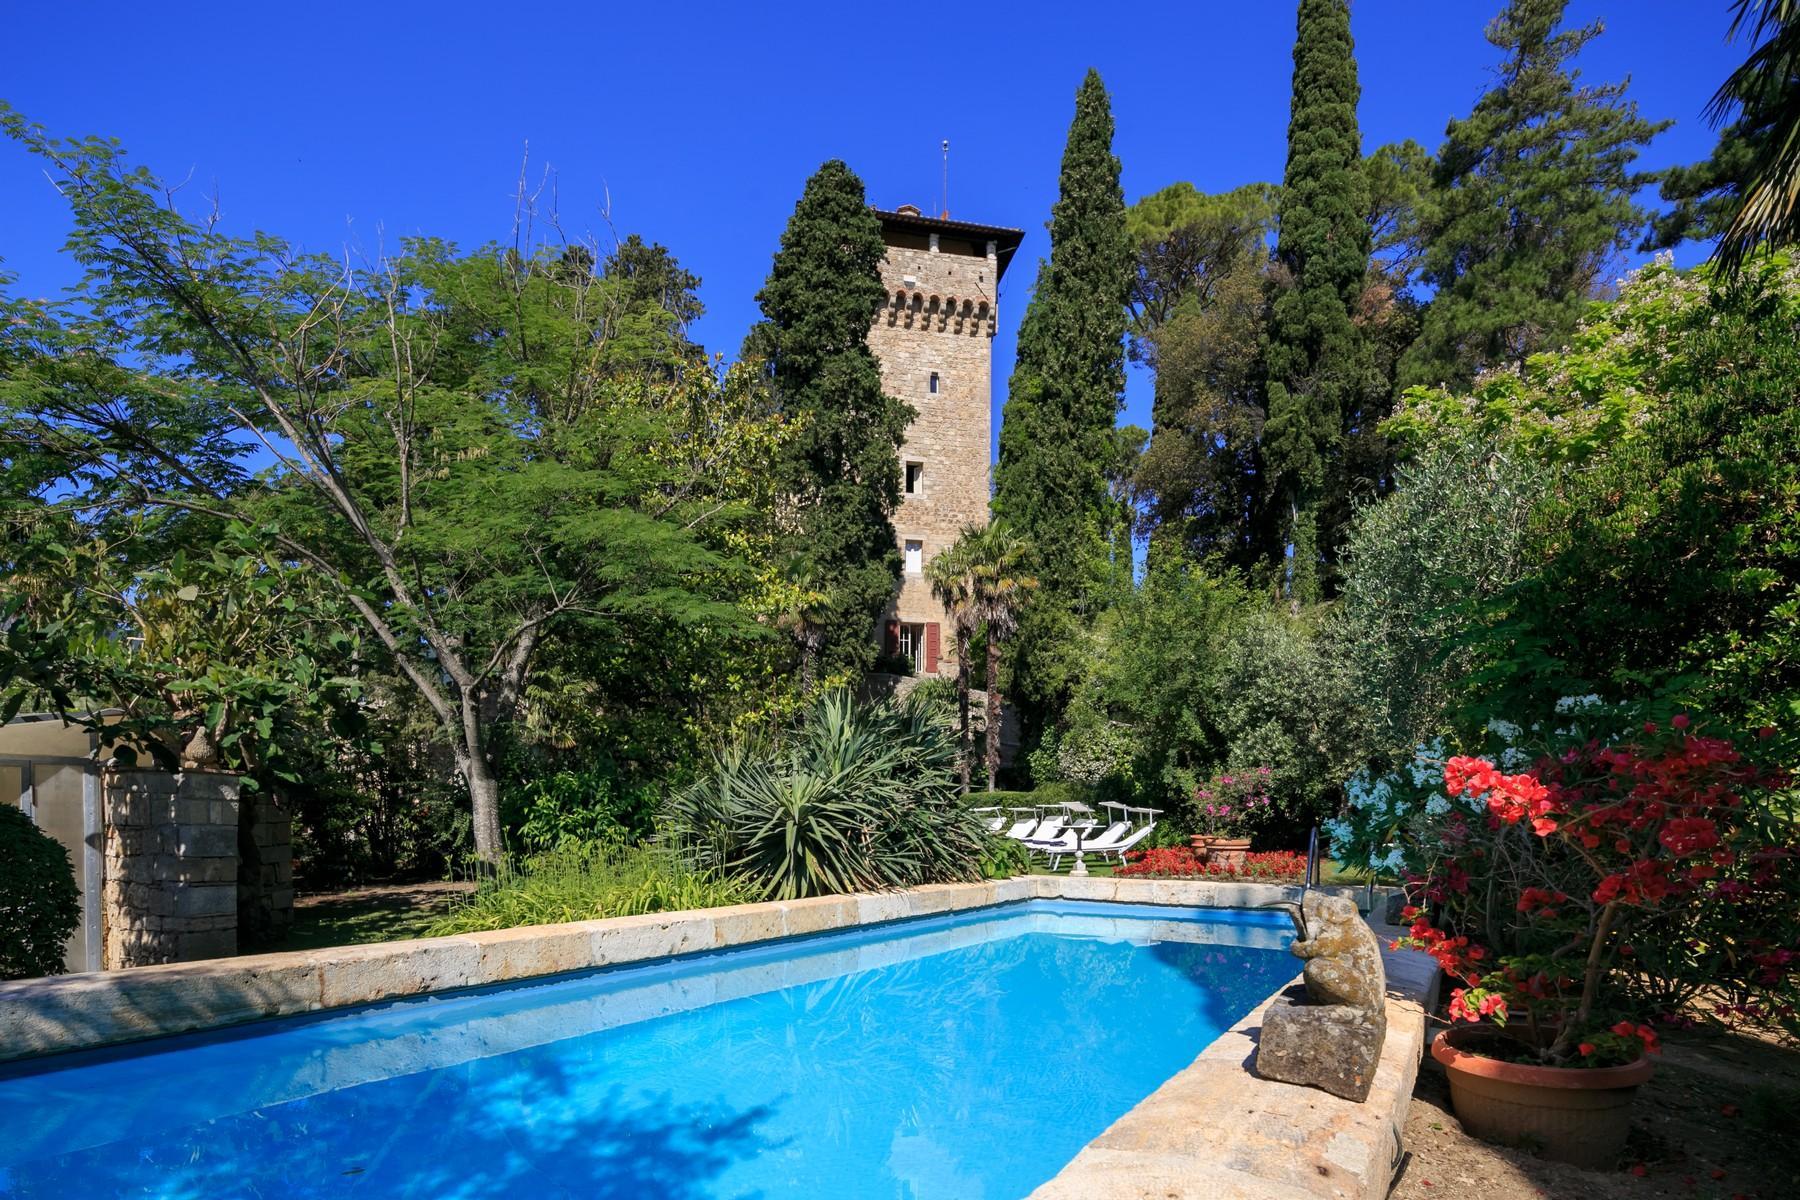 Rocca di Cetona, un'incantevole villa con viste mozzafiato dei paesaggi - 2